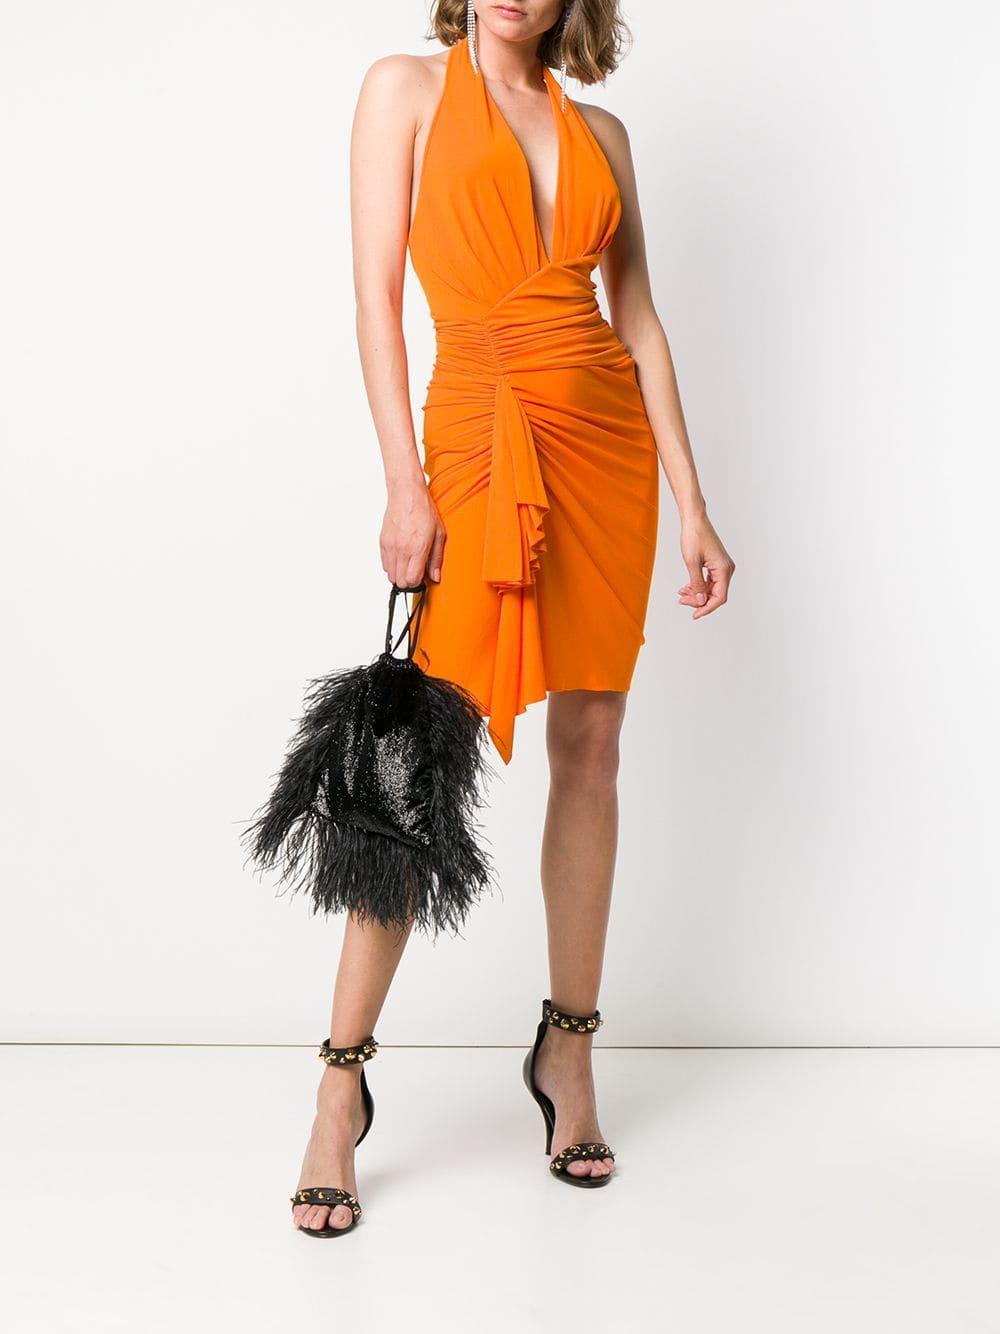 da7541a0 Lyst - Alexandre Vauthier Halter Neck Dress in Orange